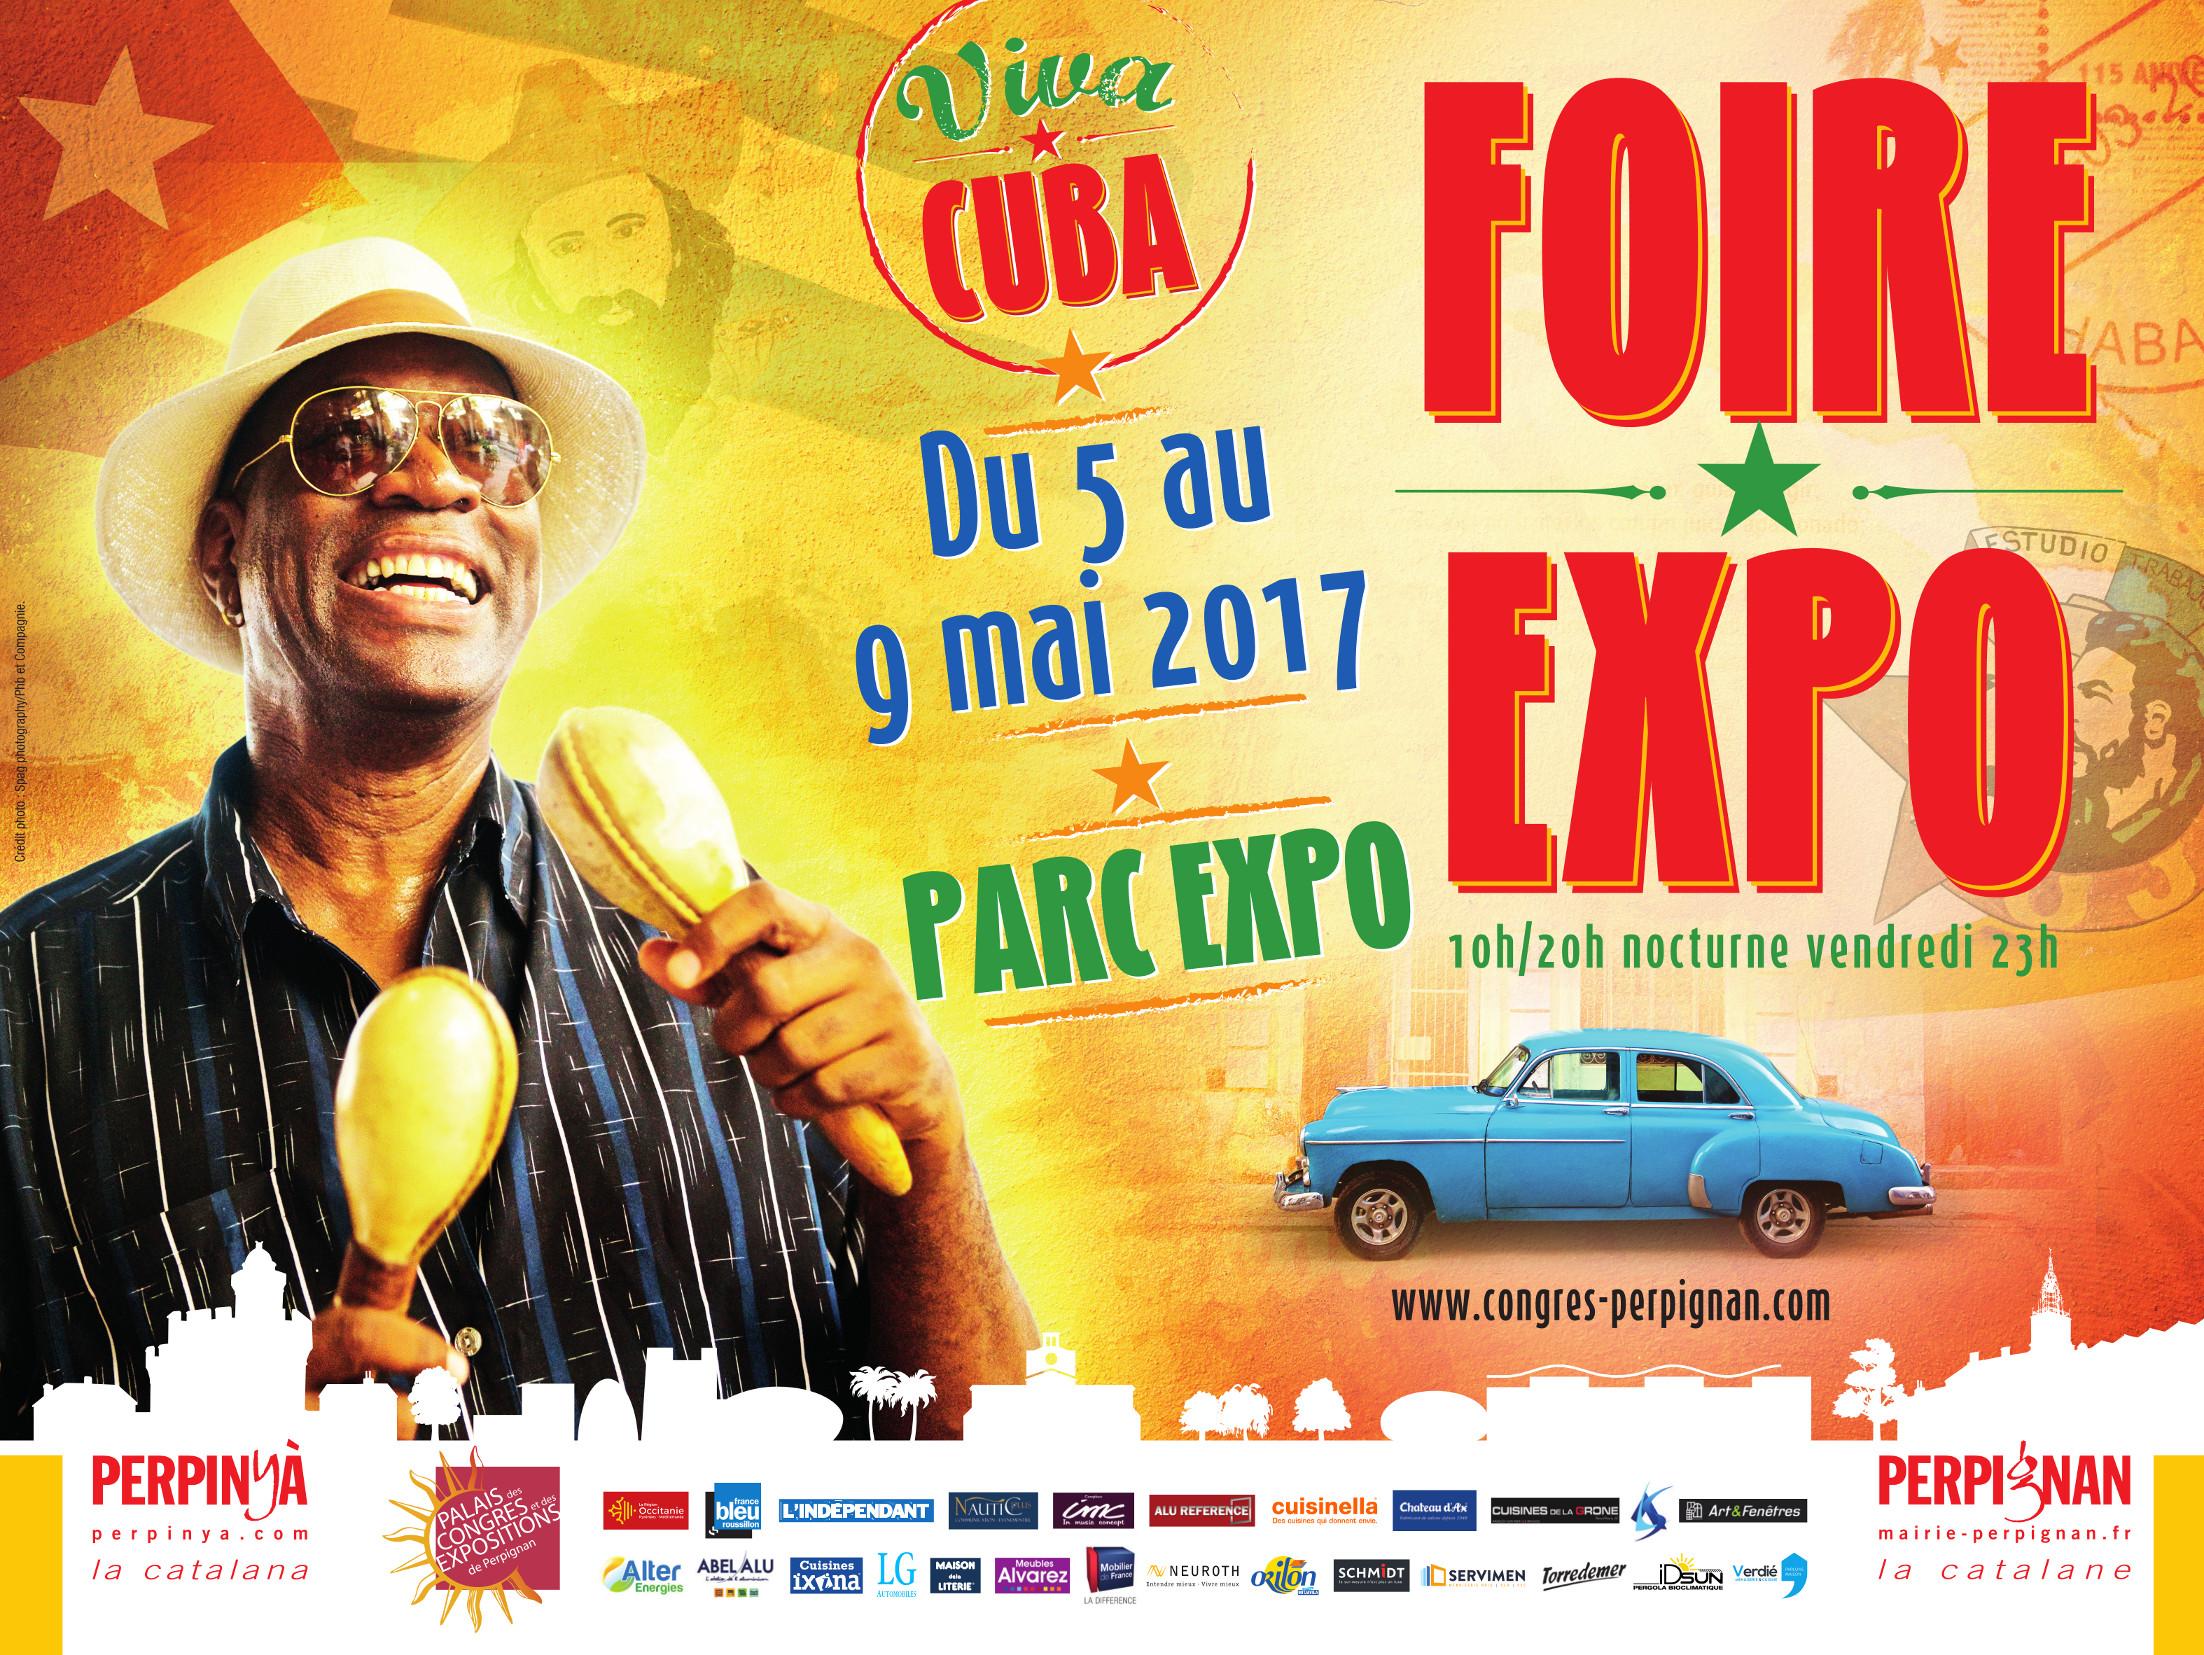 Foire Expo 2017 - Paysage light